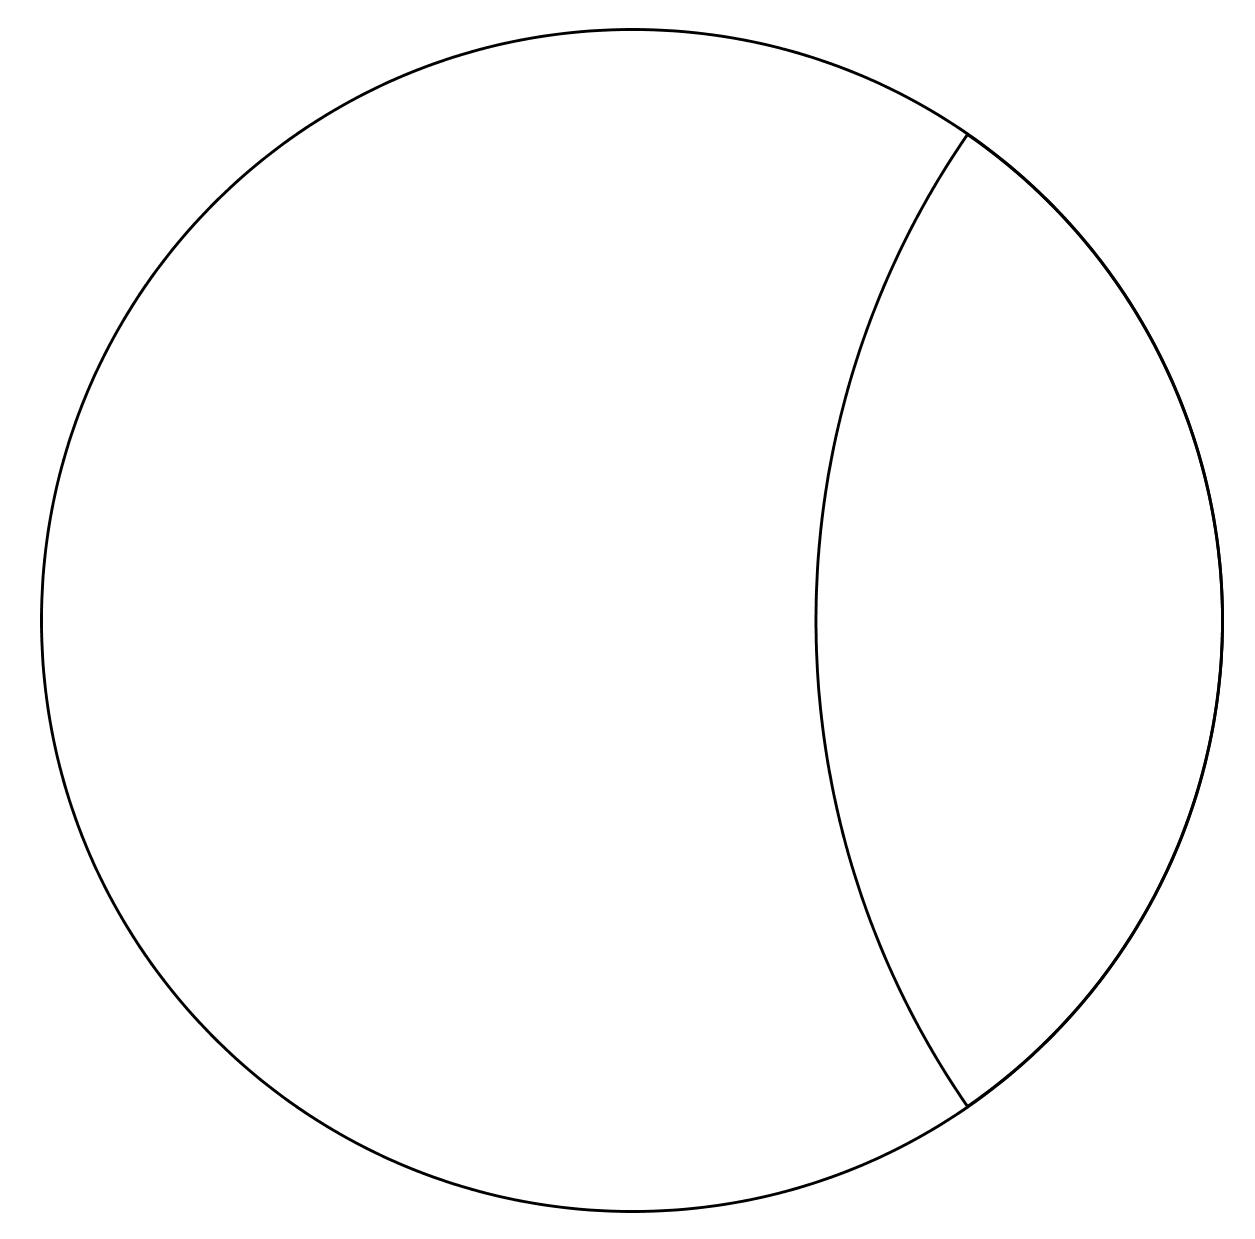 http://www.prise2tete.fr/upload/irmo322-quart_de_brie.png